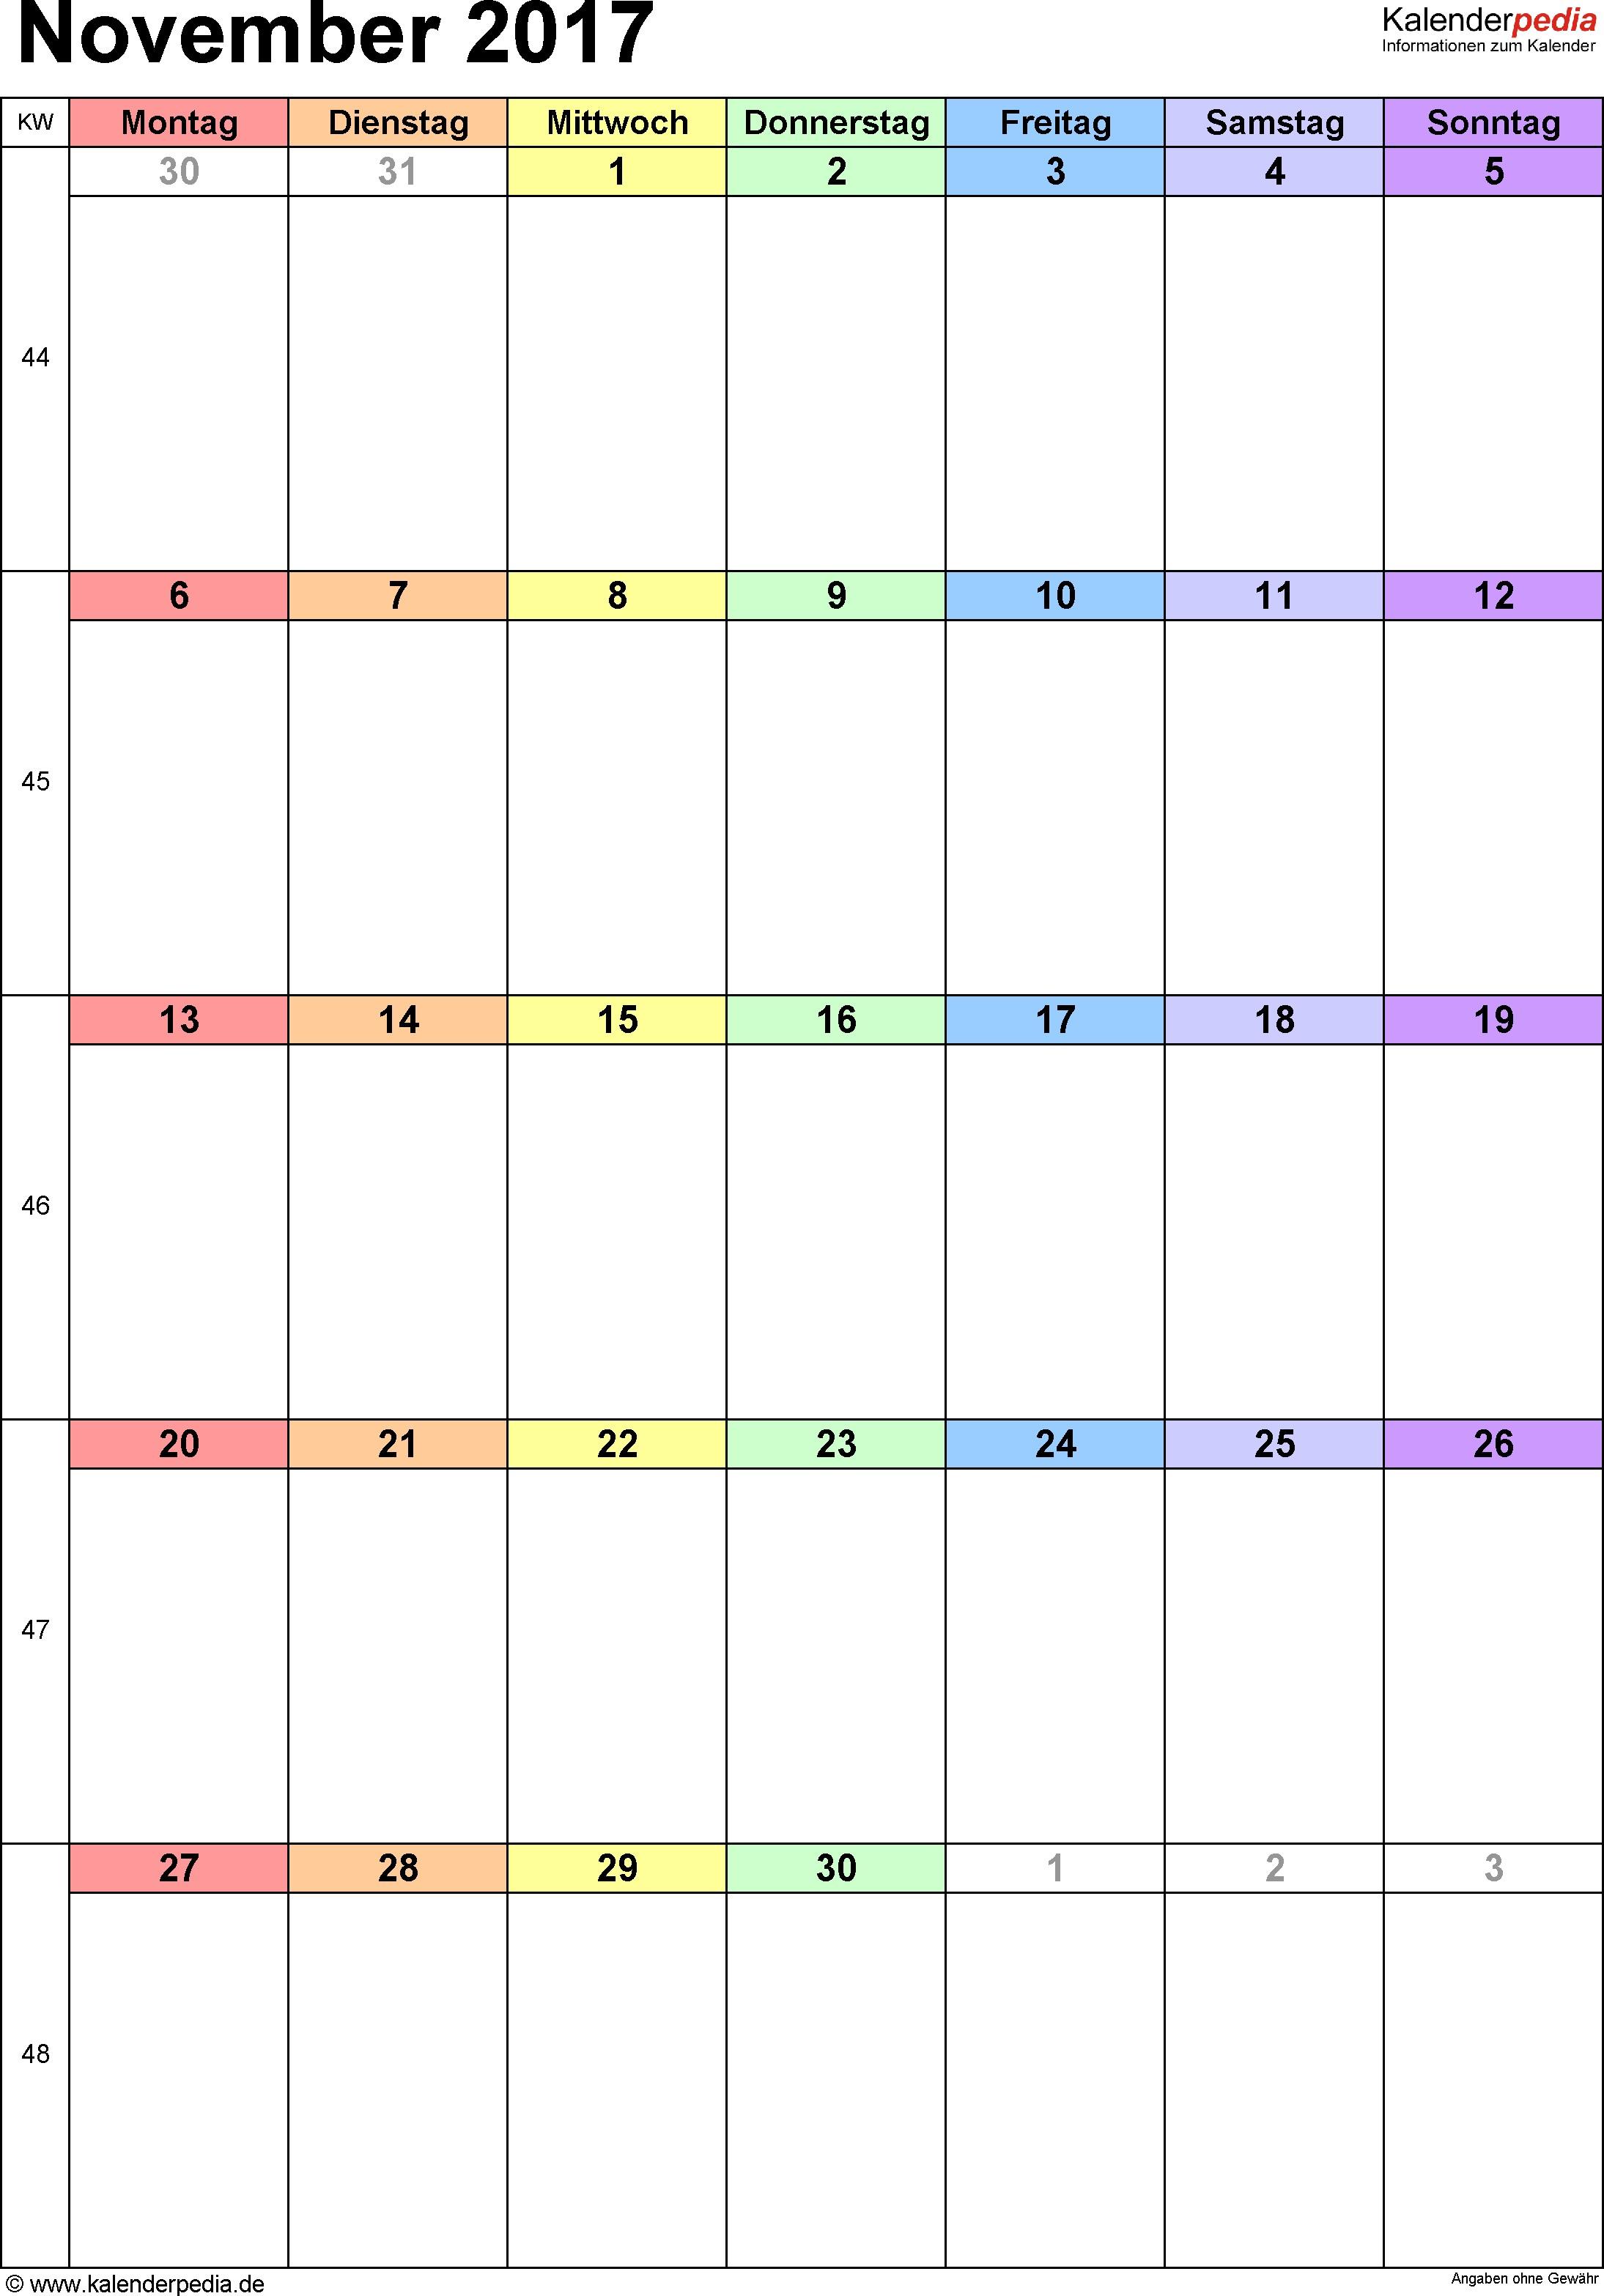 Calendario 2019 Free Download Mejores Y Más Novedosos Kalender Zum Ausdrucken November 2018 Of Calendario 2019 Free Download Más Caliente Fiscal Calendars 2019 as Free Printable Word Templates